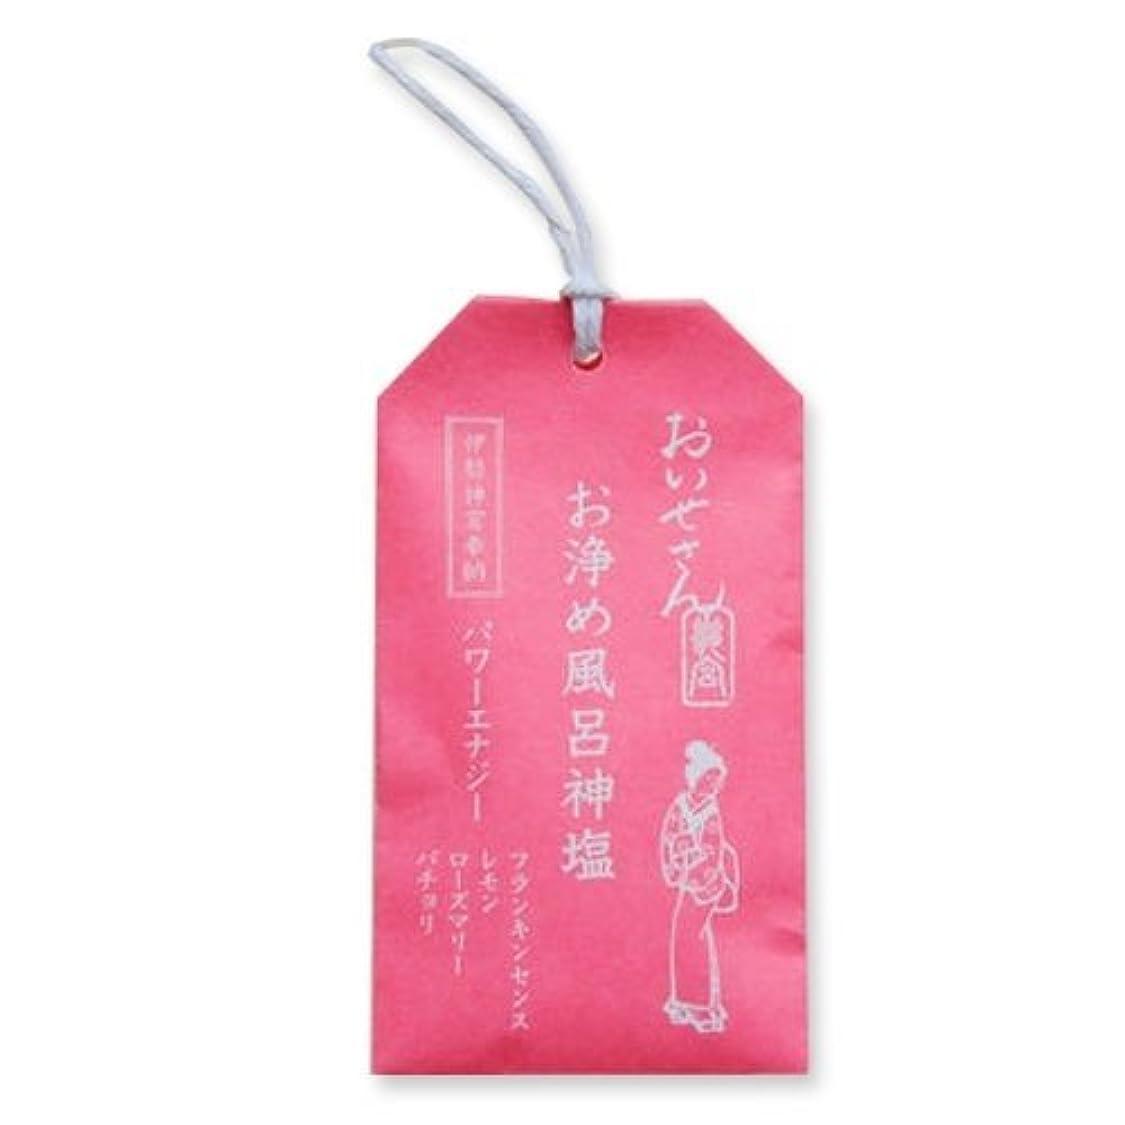 相続人によって拷問おいせさん お浄め風呂神塩 バス用ソルト(パワーエナジー) 20g